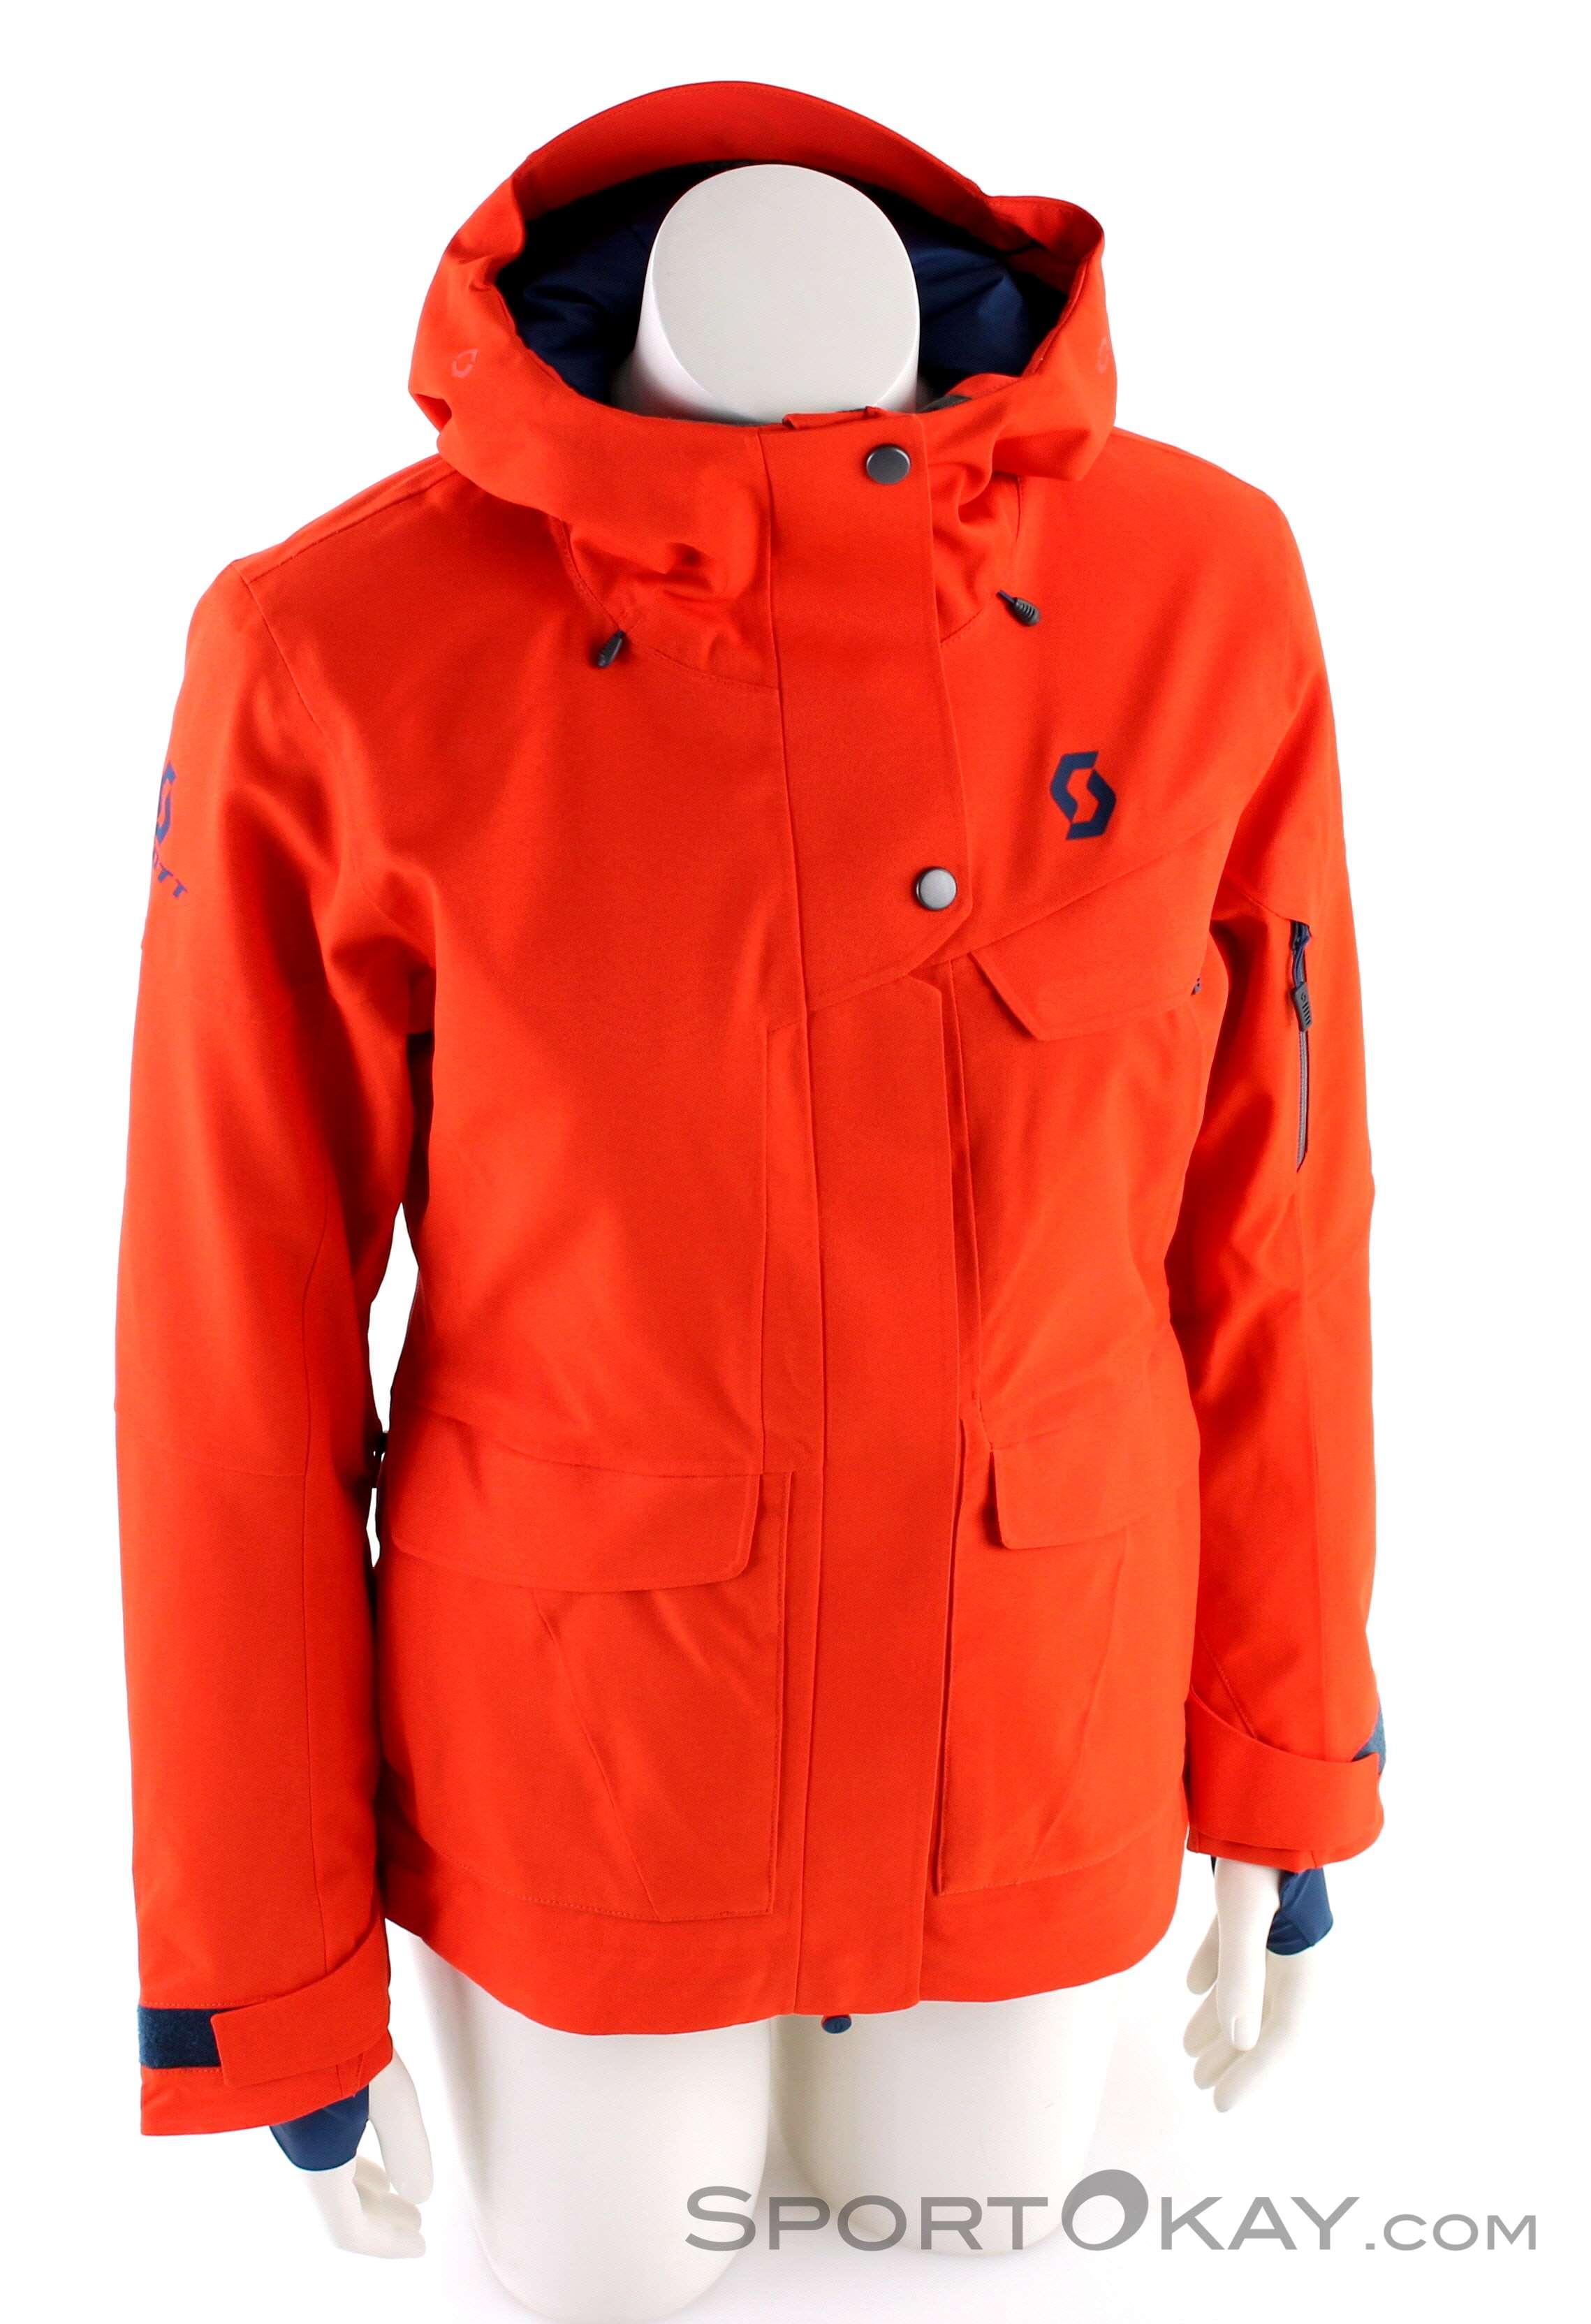 Skijacke Damen 20 Dryo Jacket Ultimate Scott 9IDE2H